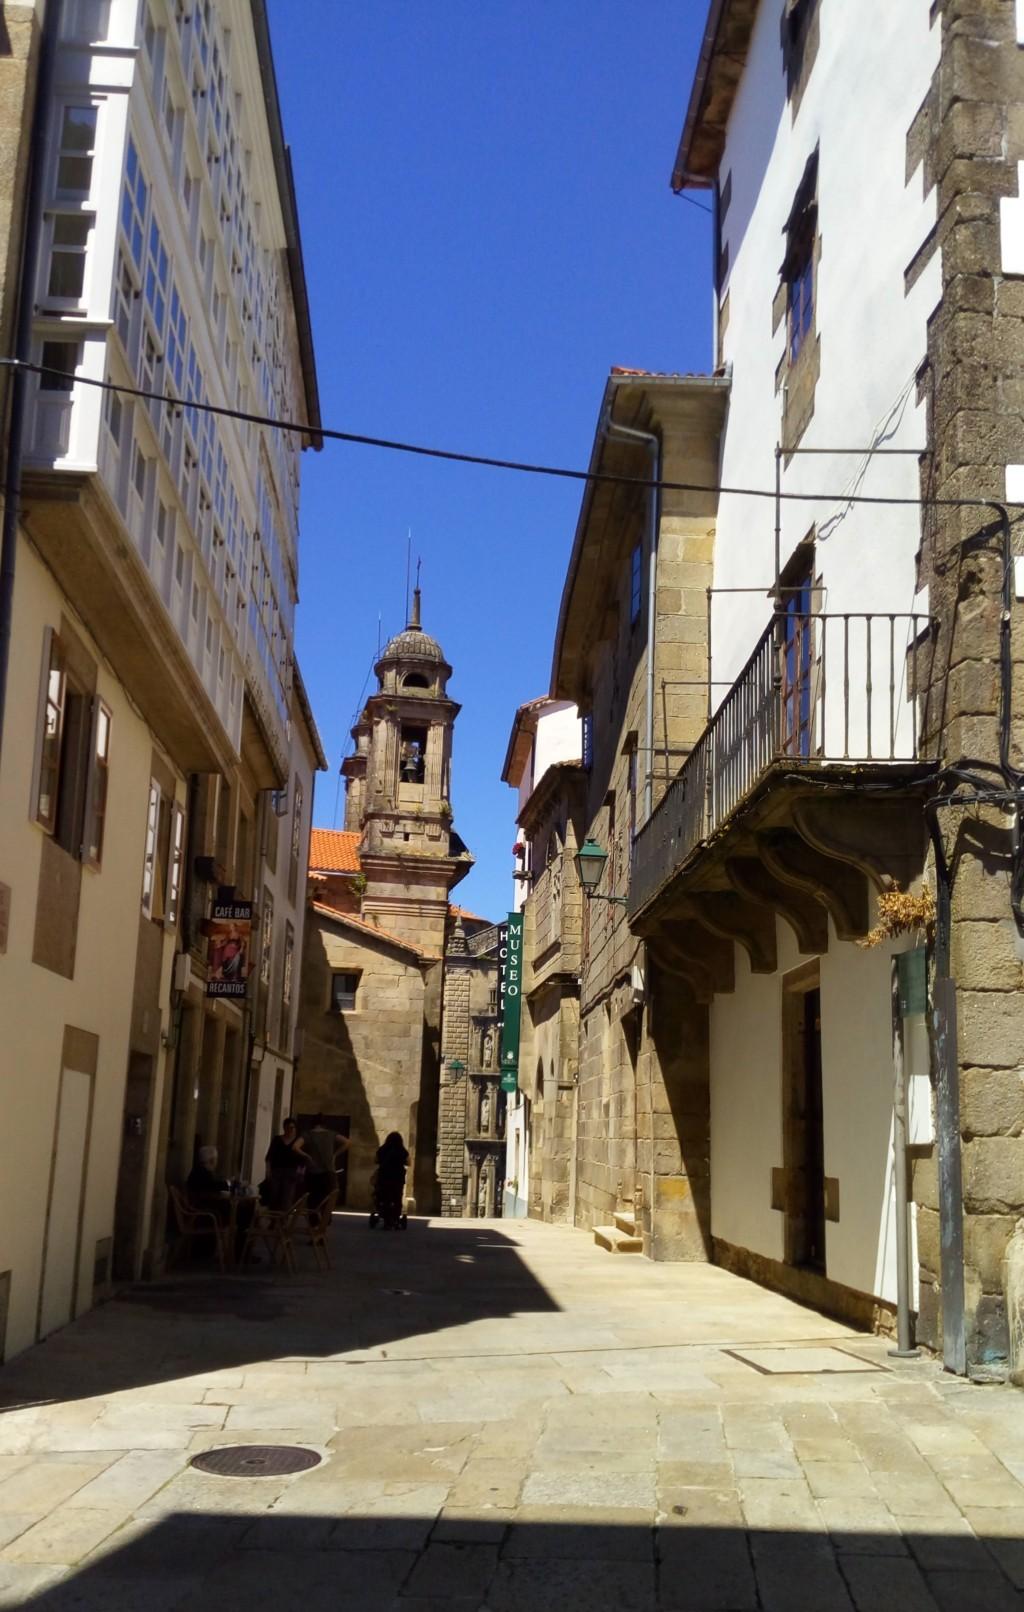 Foto 1 - Acceso a la Rúa de San Miguel desde la Rúa da Algalia de Arriba